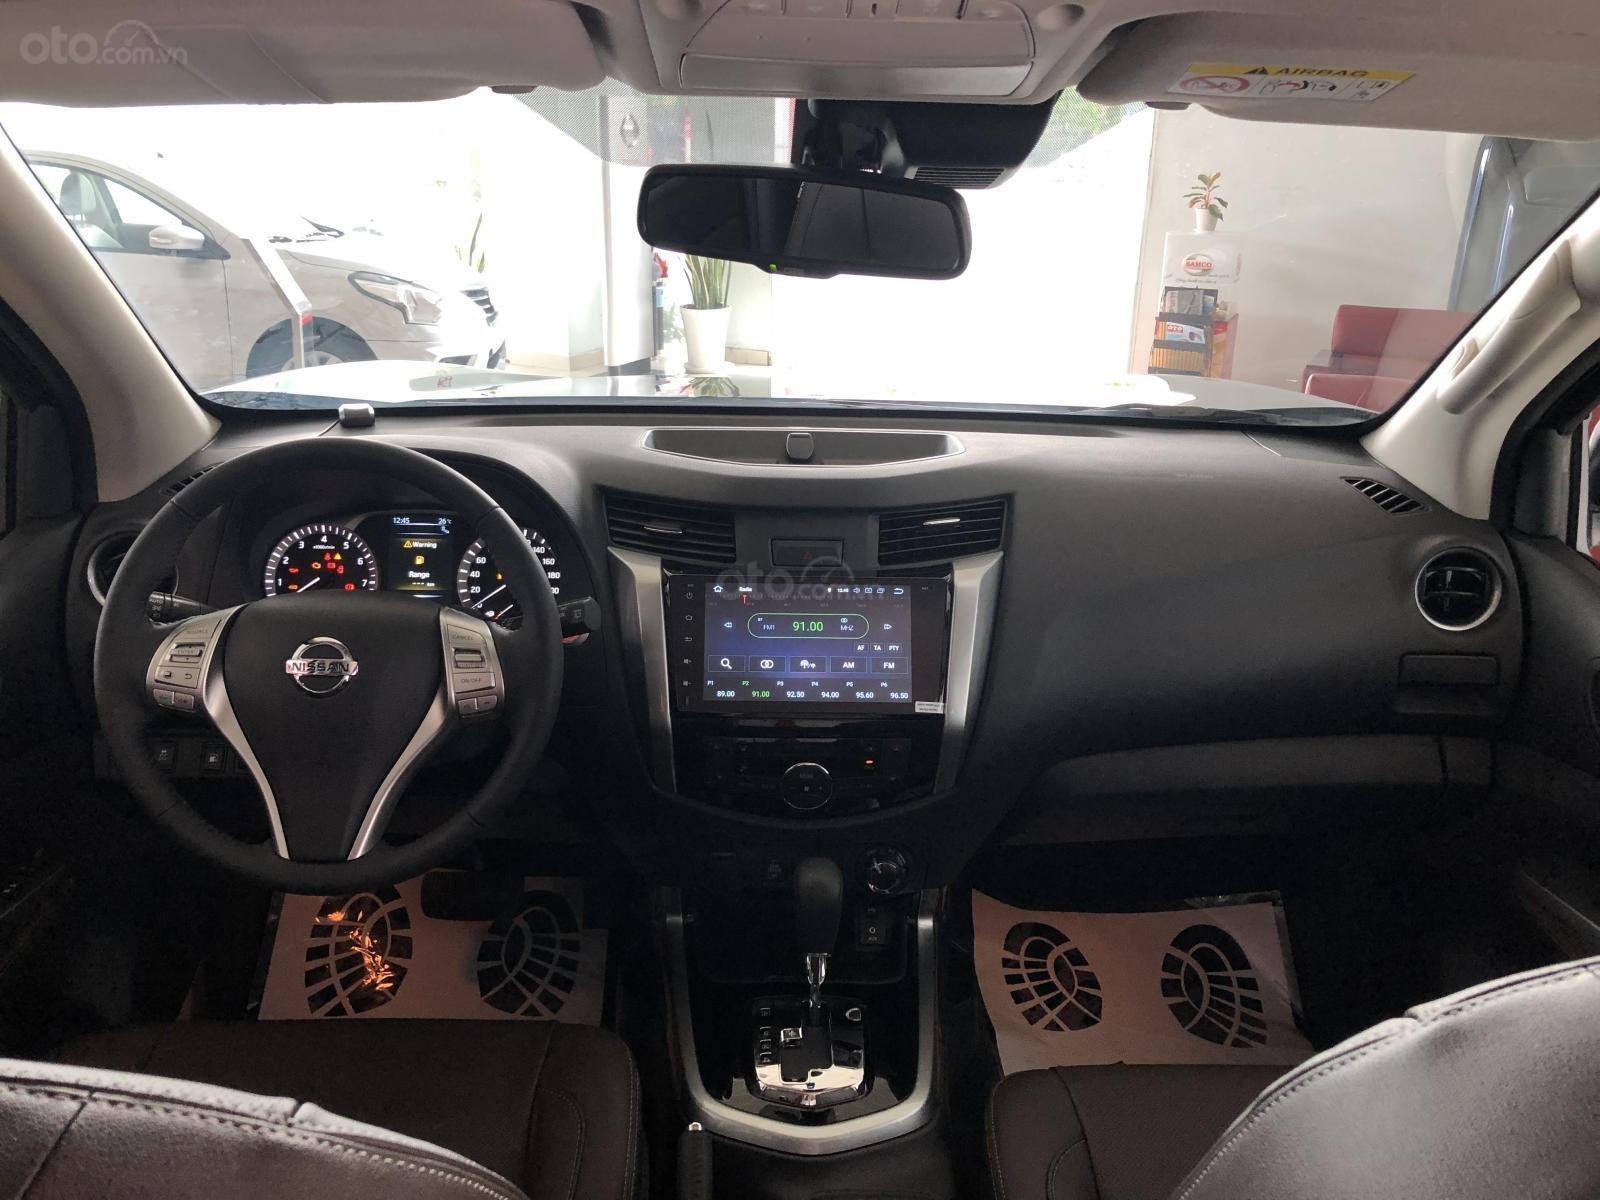 Cần bán Nissan Terra V 2.5 AT 4 WD sản xuất 2019, tặng BHVC thân xe, CTKM hấp dẫn, giao xe ngày, LH 0938 357 929-3